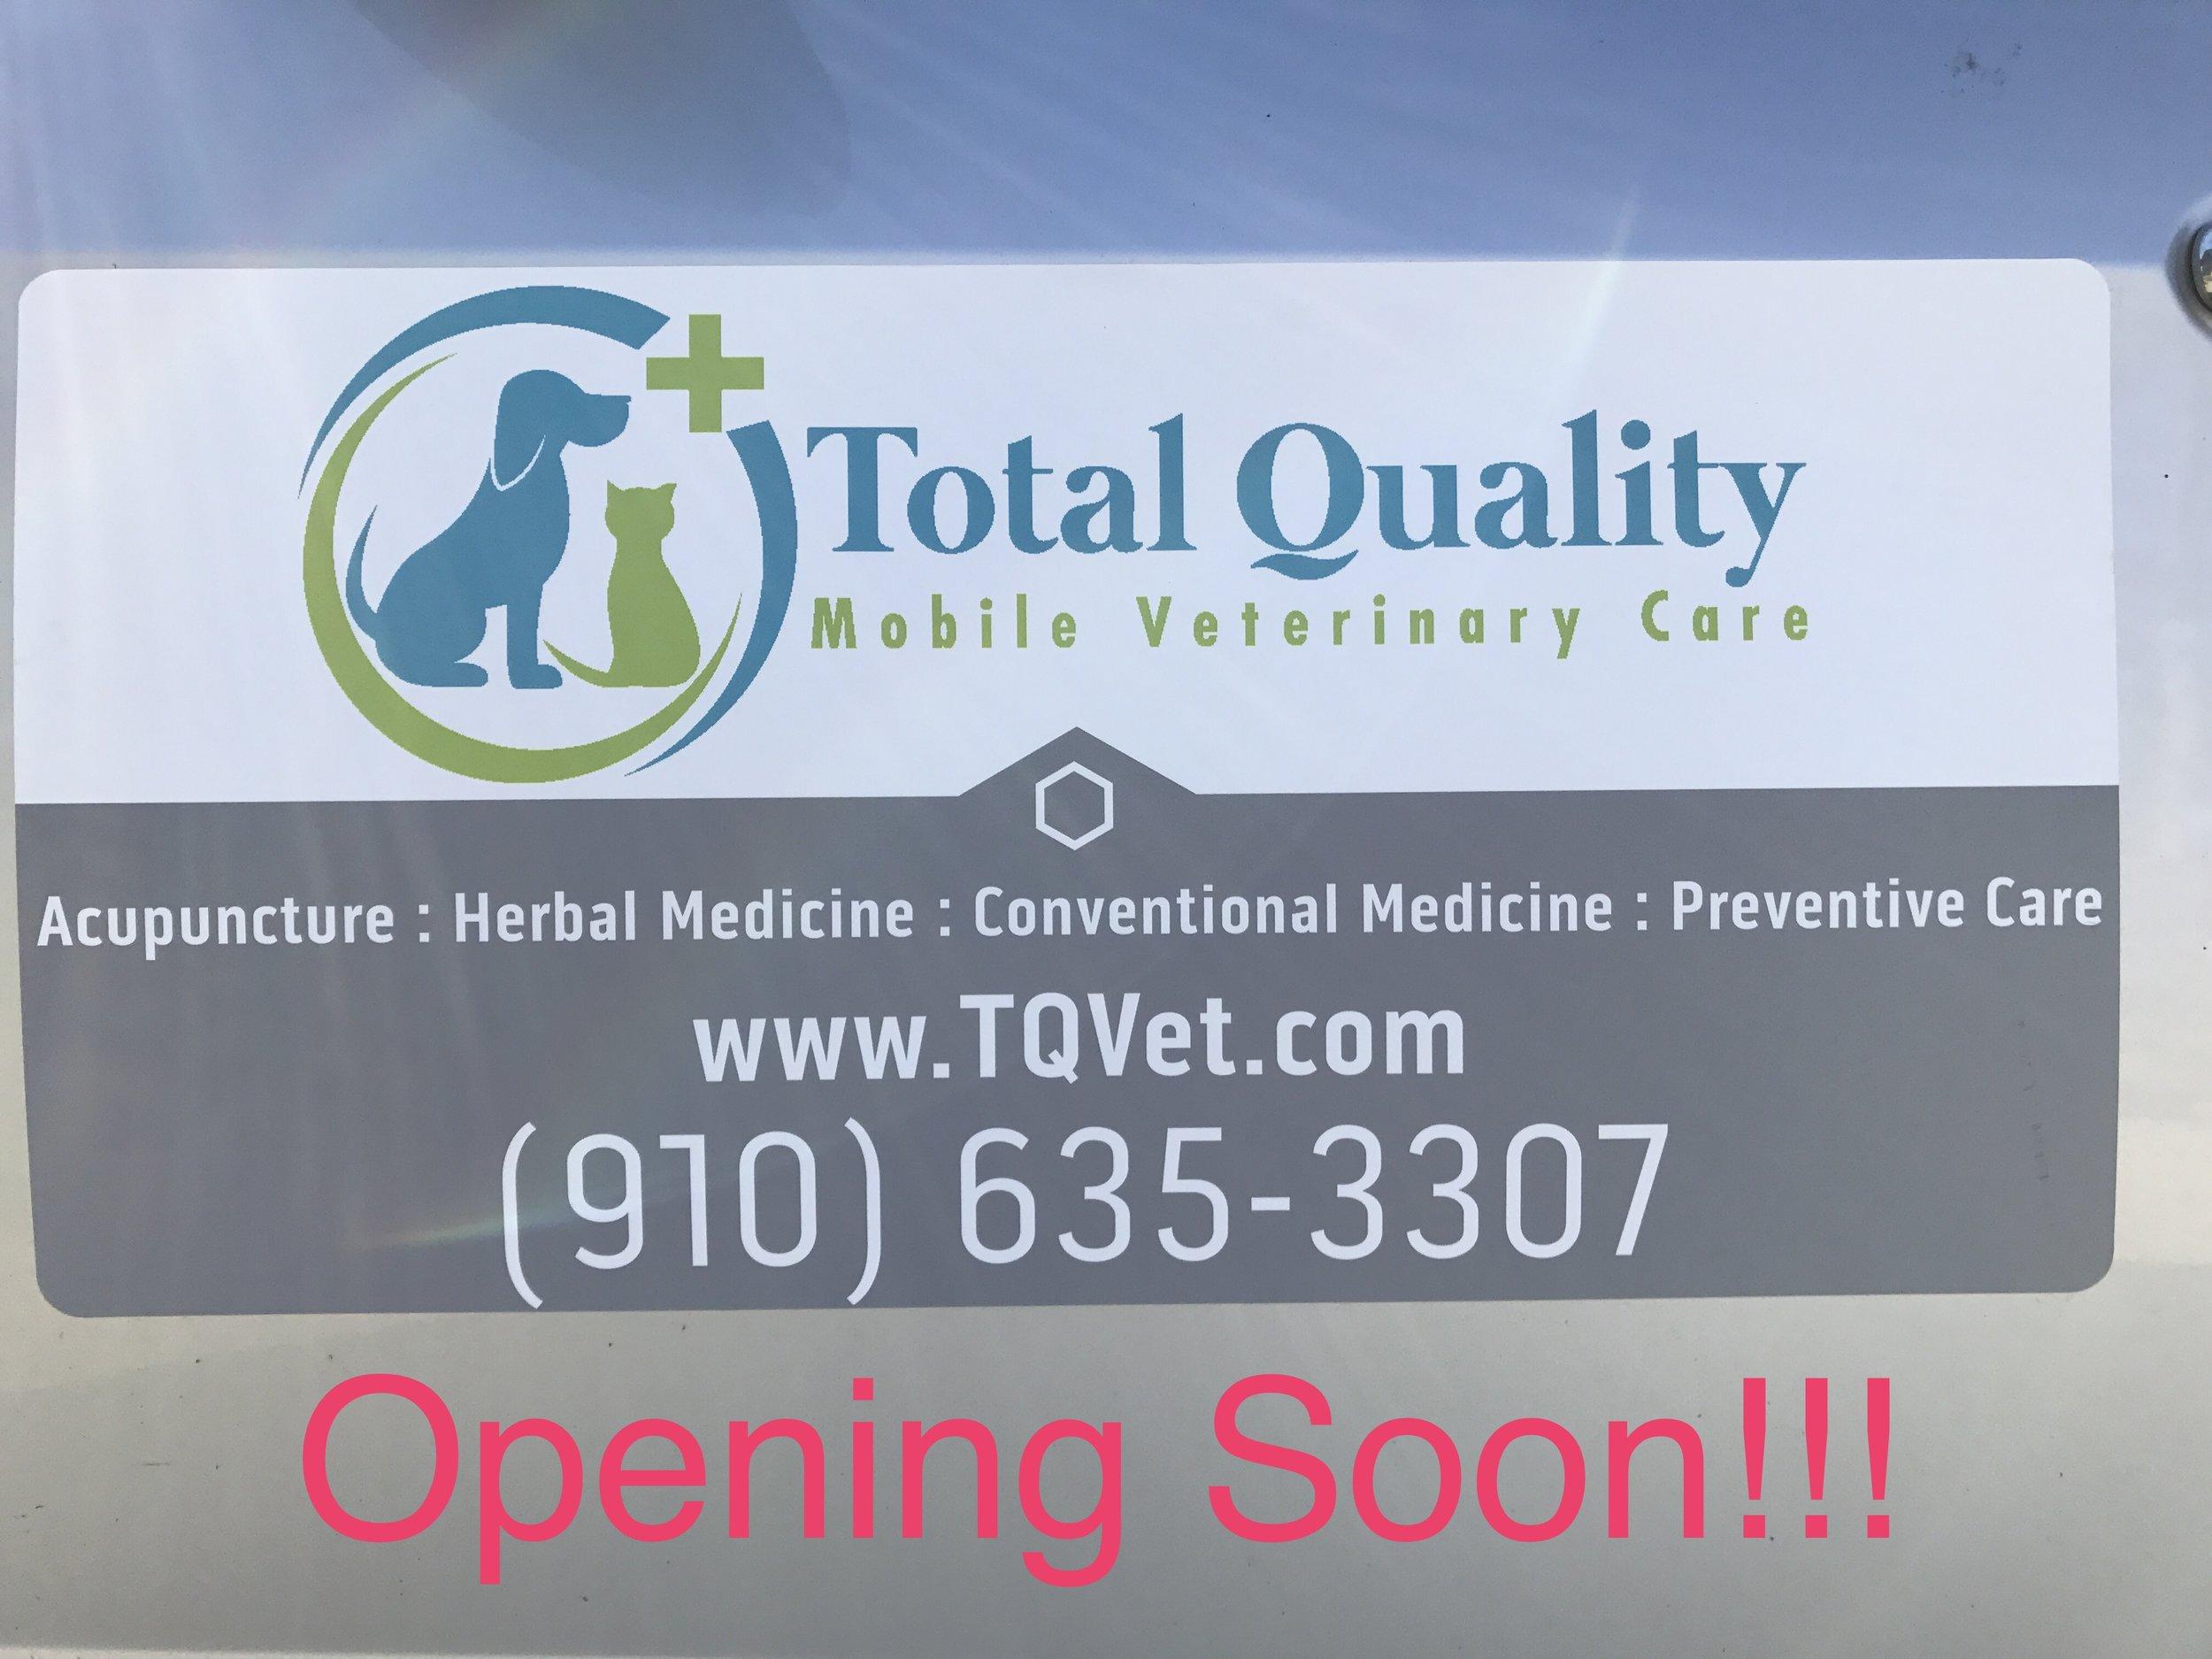 Opening Soon.jpg